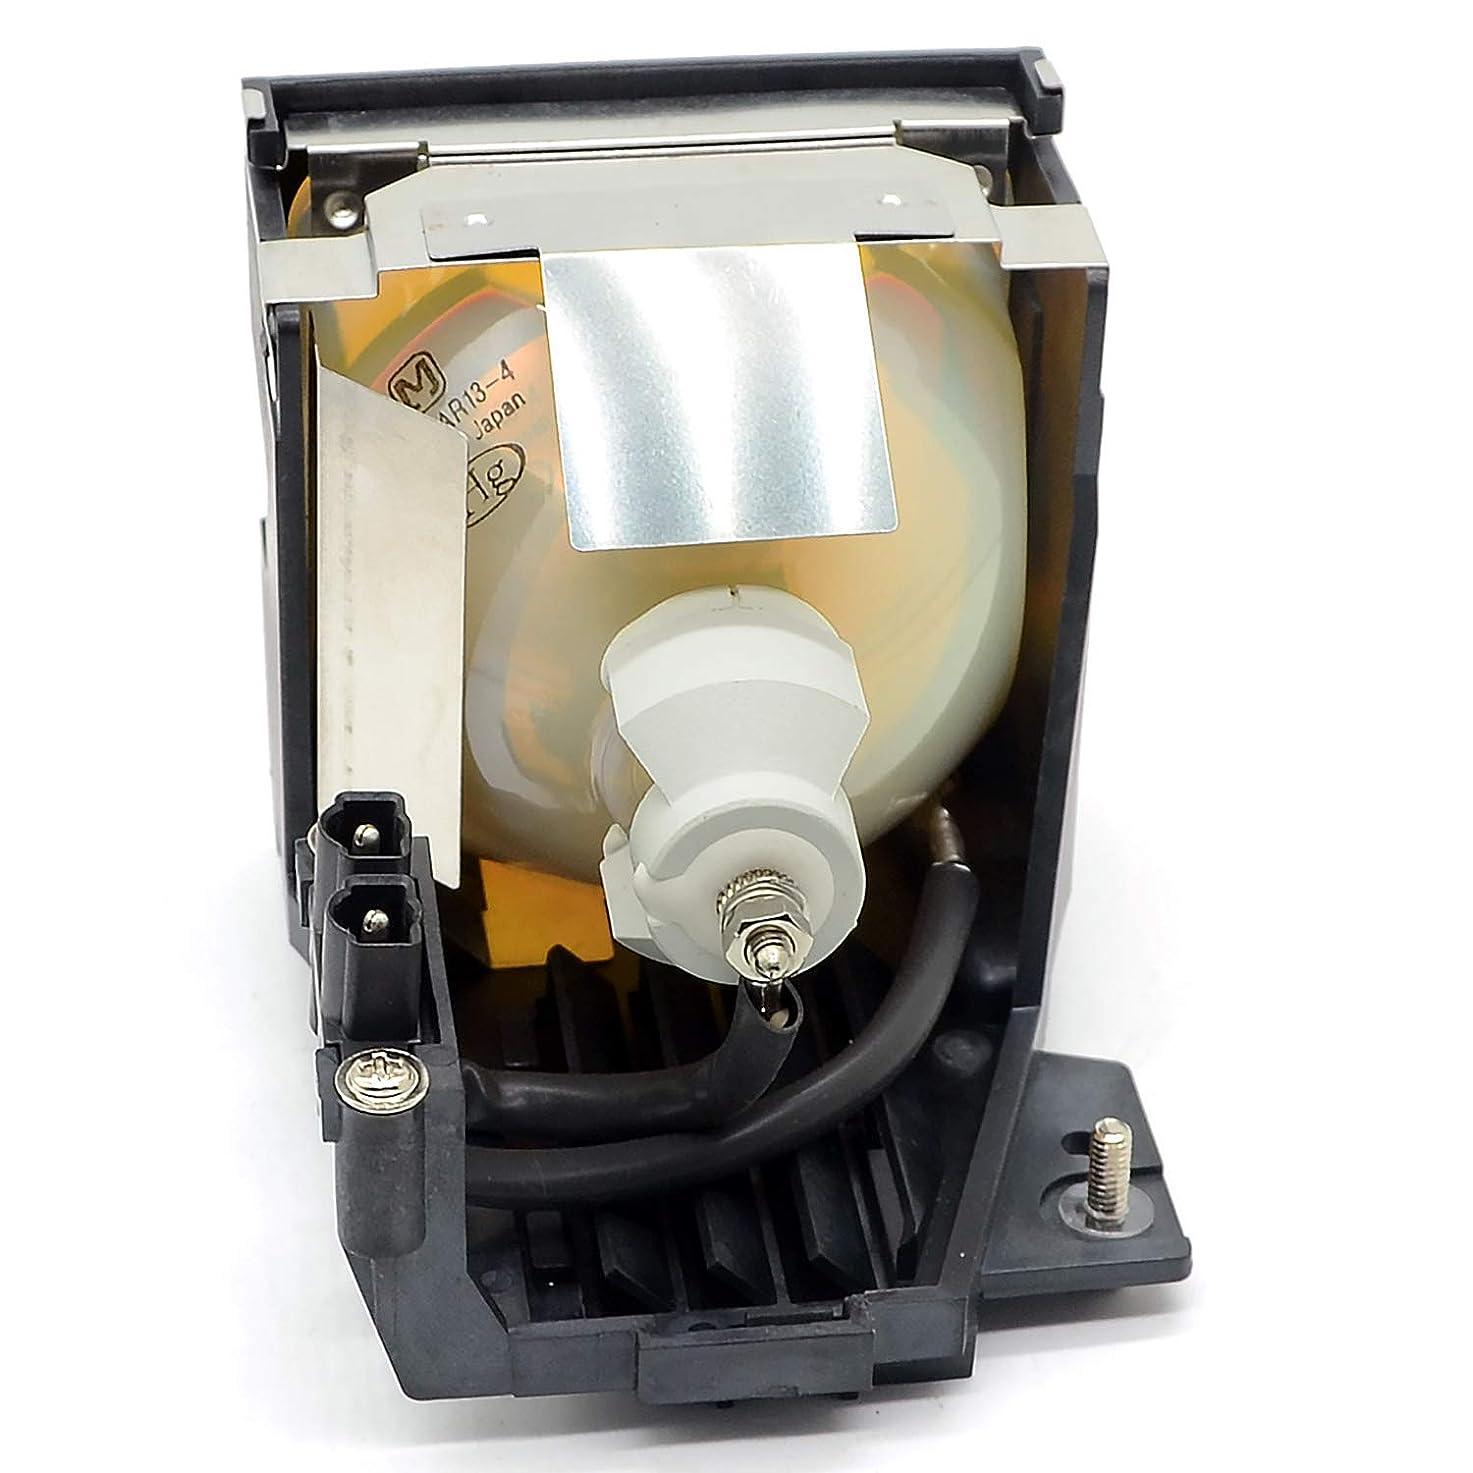 素晴らしさ環境プロテスタントRich Lighting プロジェクター 交換用 ランプ ET-LA785 パナソニック Panasonic TH-L785, PT-L785E, PT-L785U, PT-P1X300 交換用【180日間の保証】